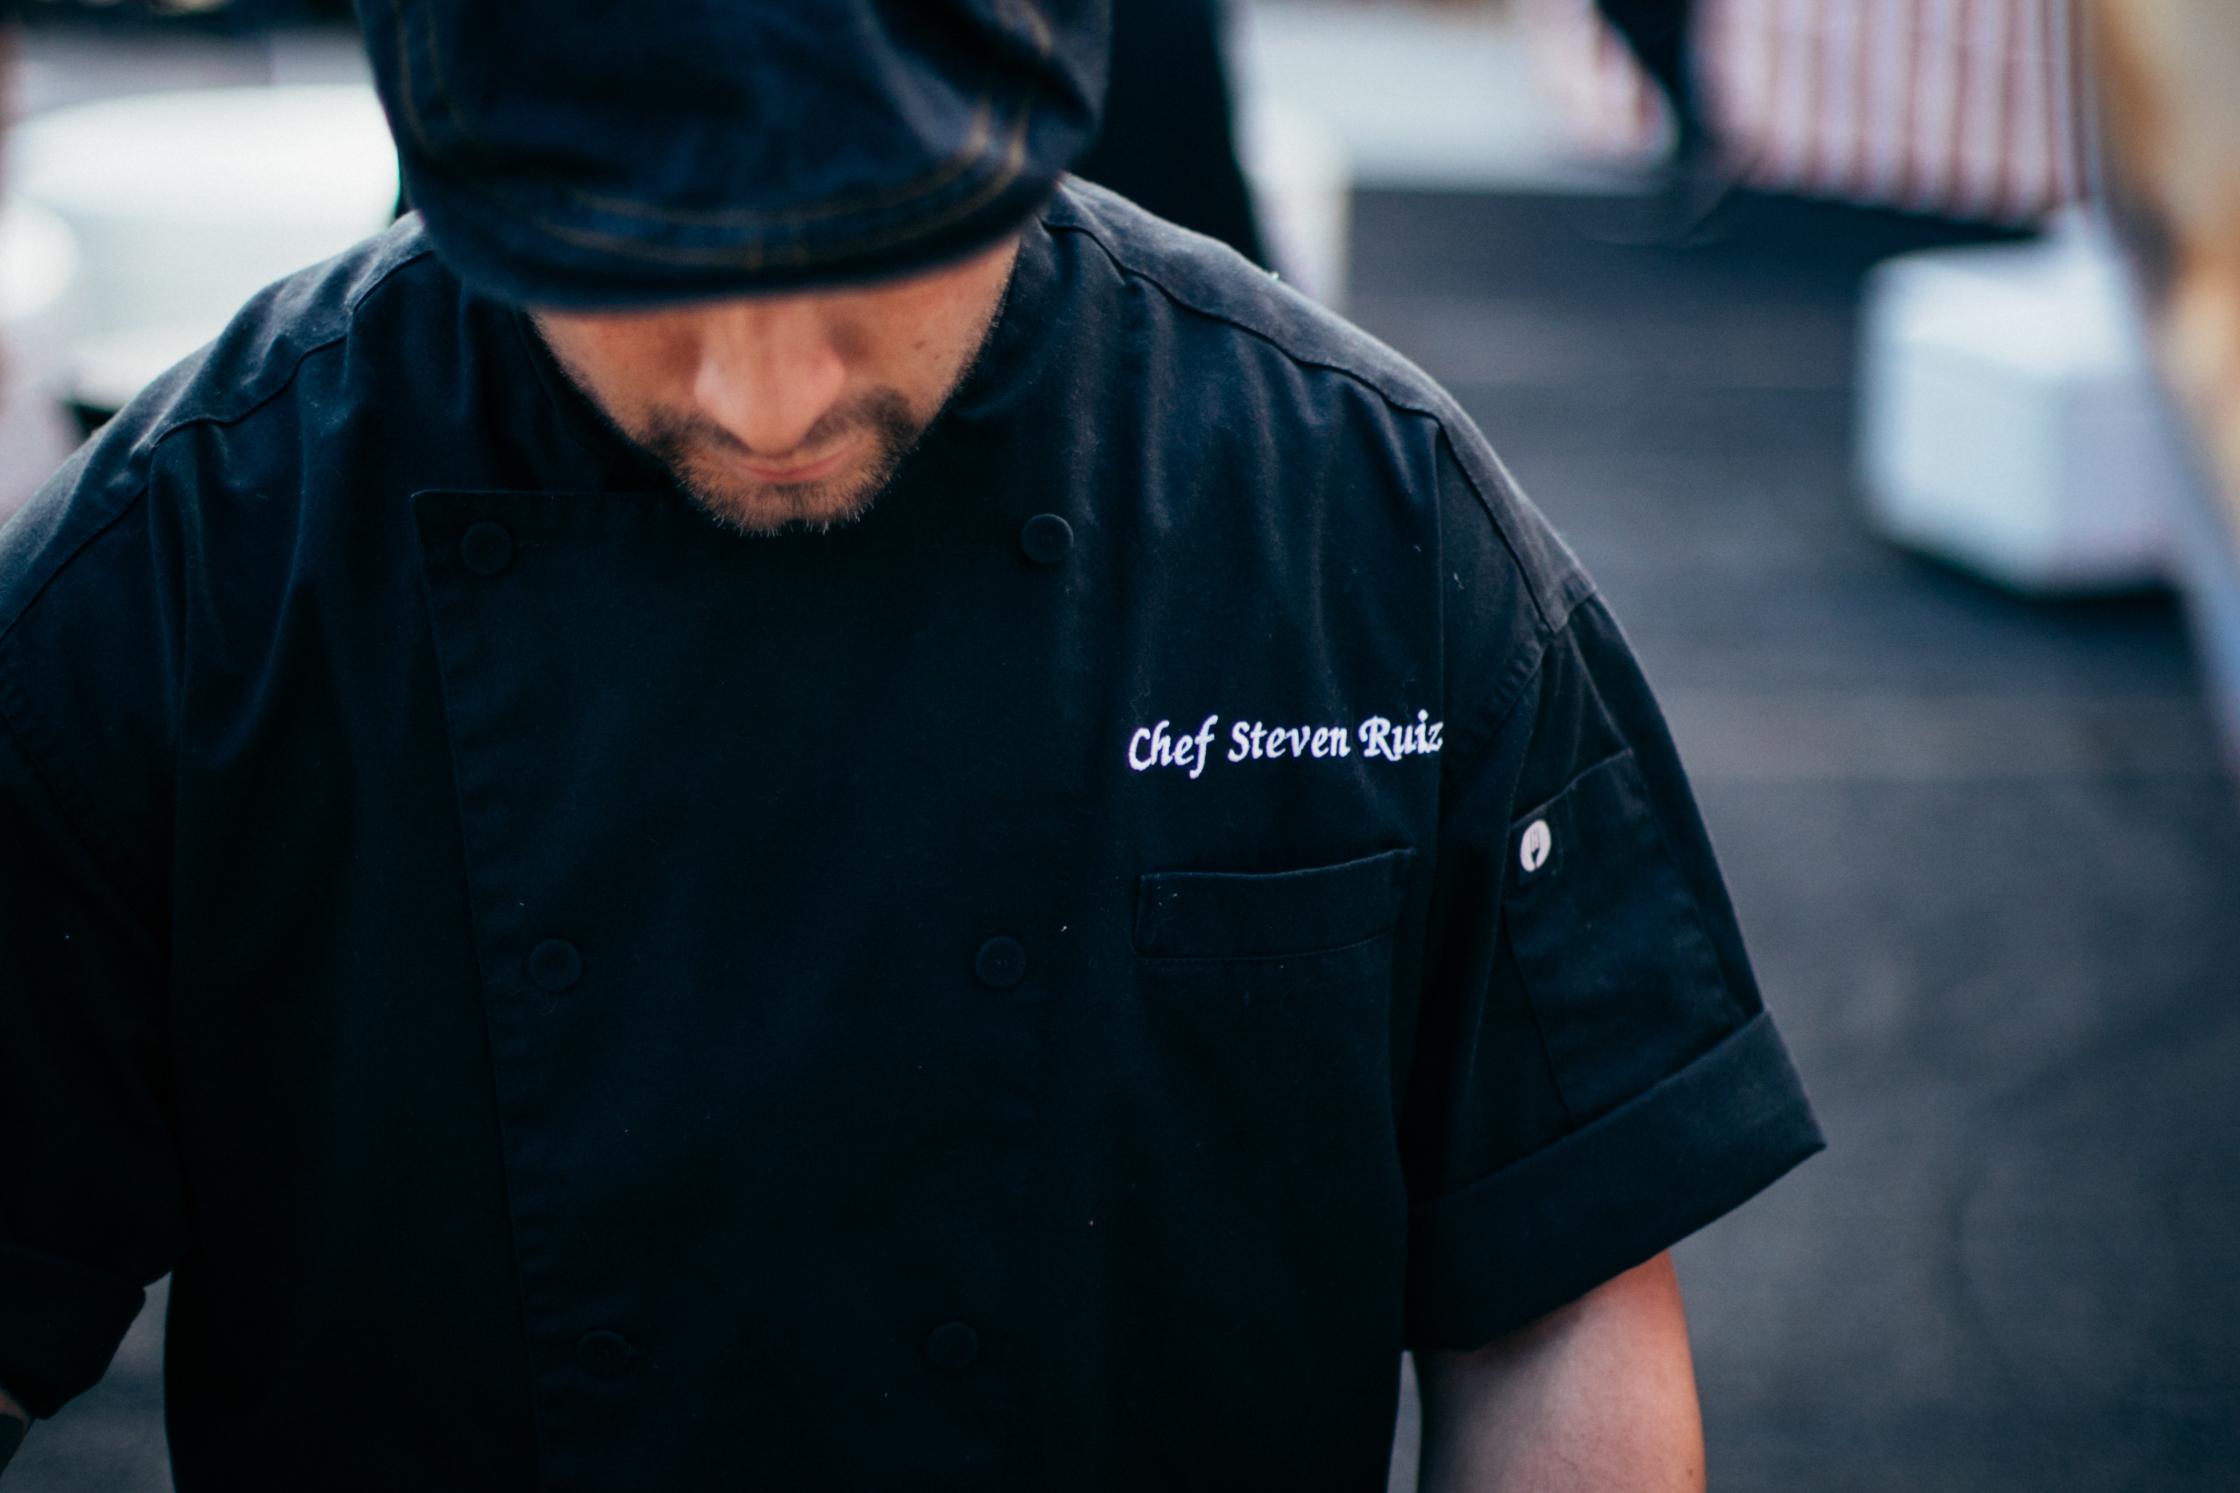 Our Chef Steven Ruiz